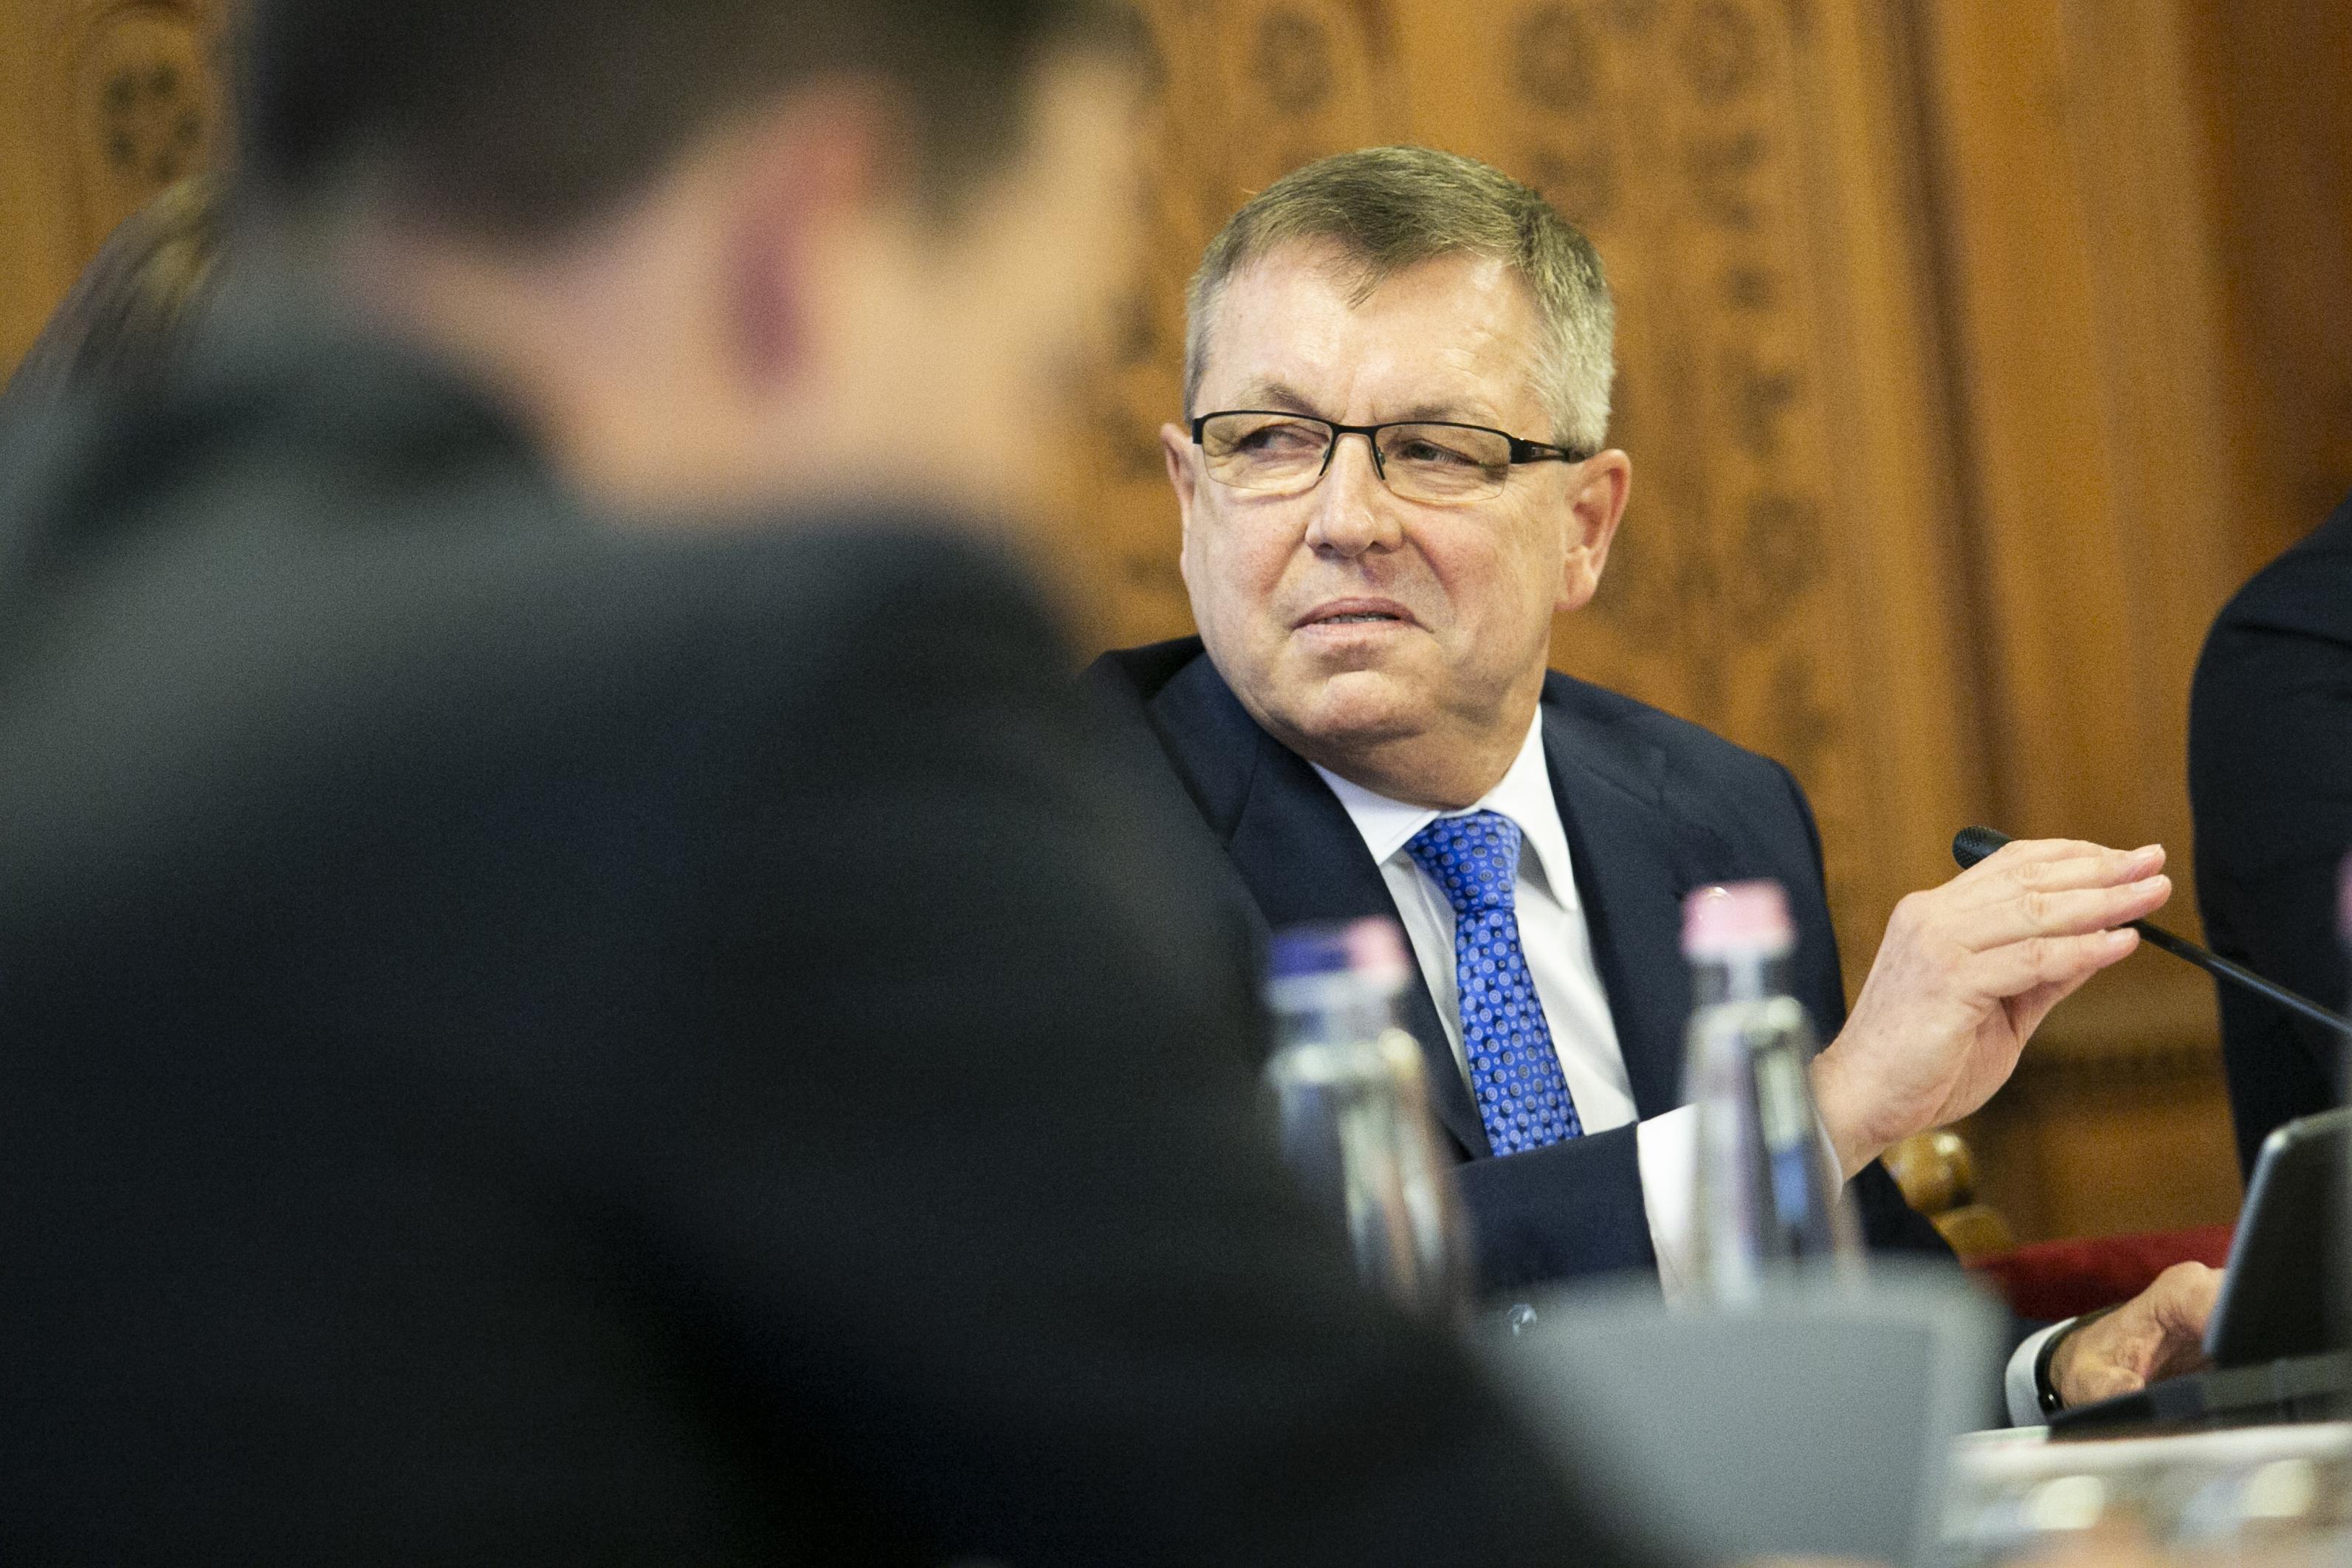 Közel háromszázmilliós támogatást kapott a kormánytól Matolcsy György fiának cége